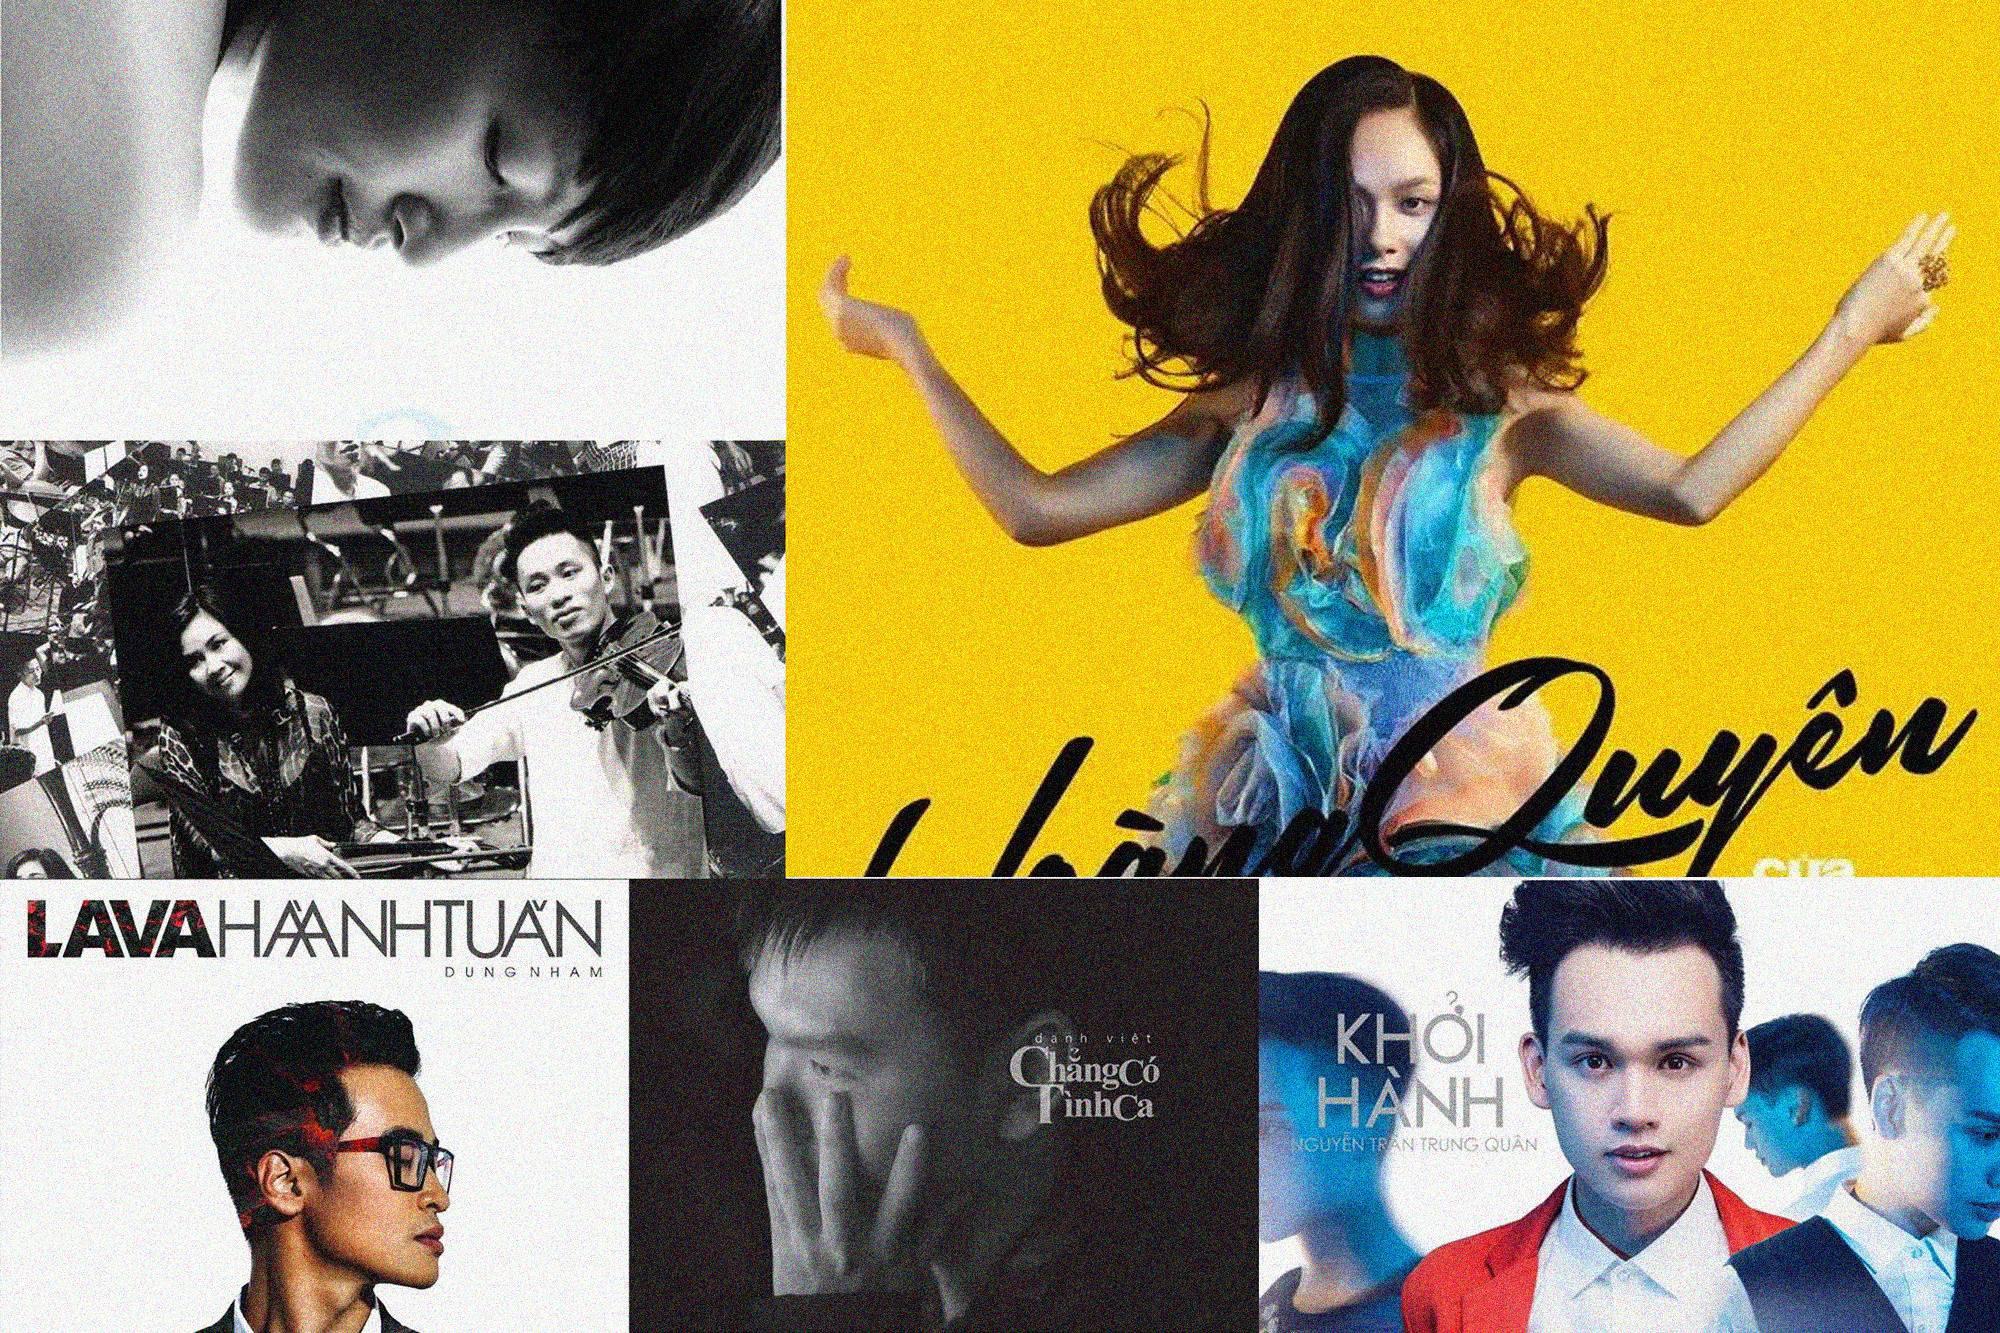 Nhạc Việt Catalogue 2014: những album đáng chú ý